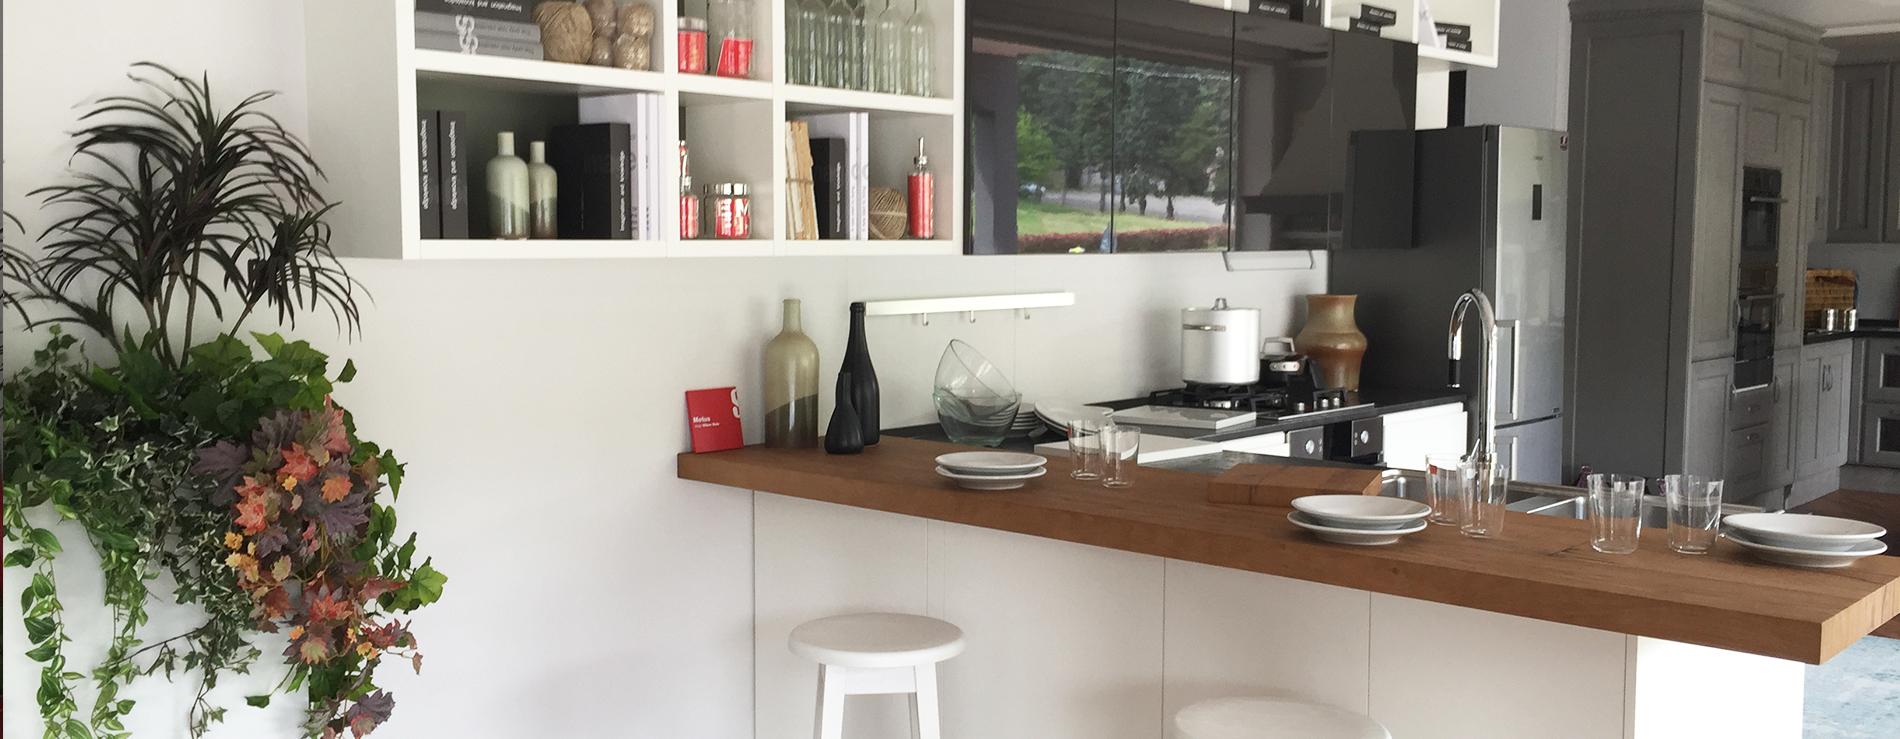 Centro mobili cucine scavolini pavia design italiano - Centro italiano mobili ...